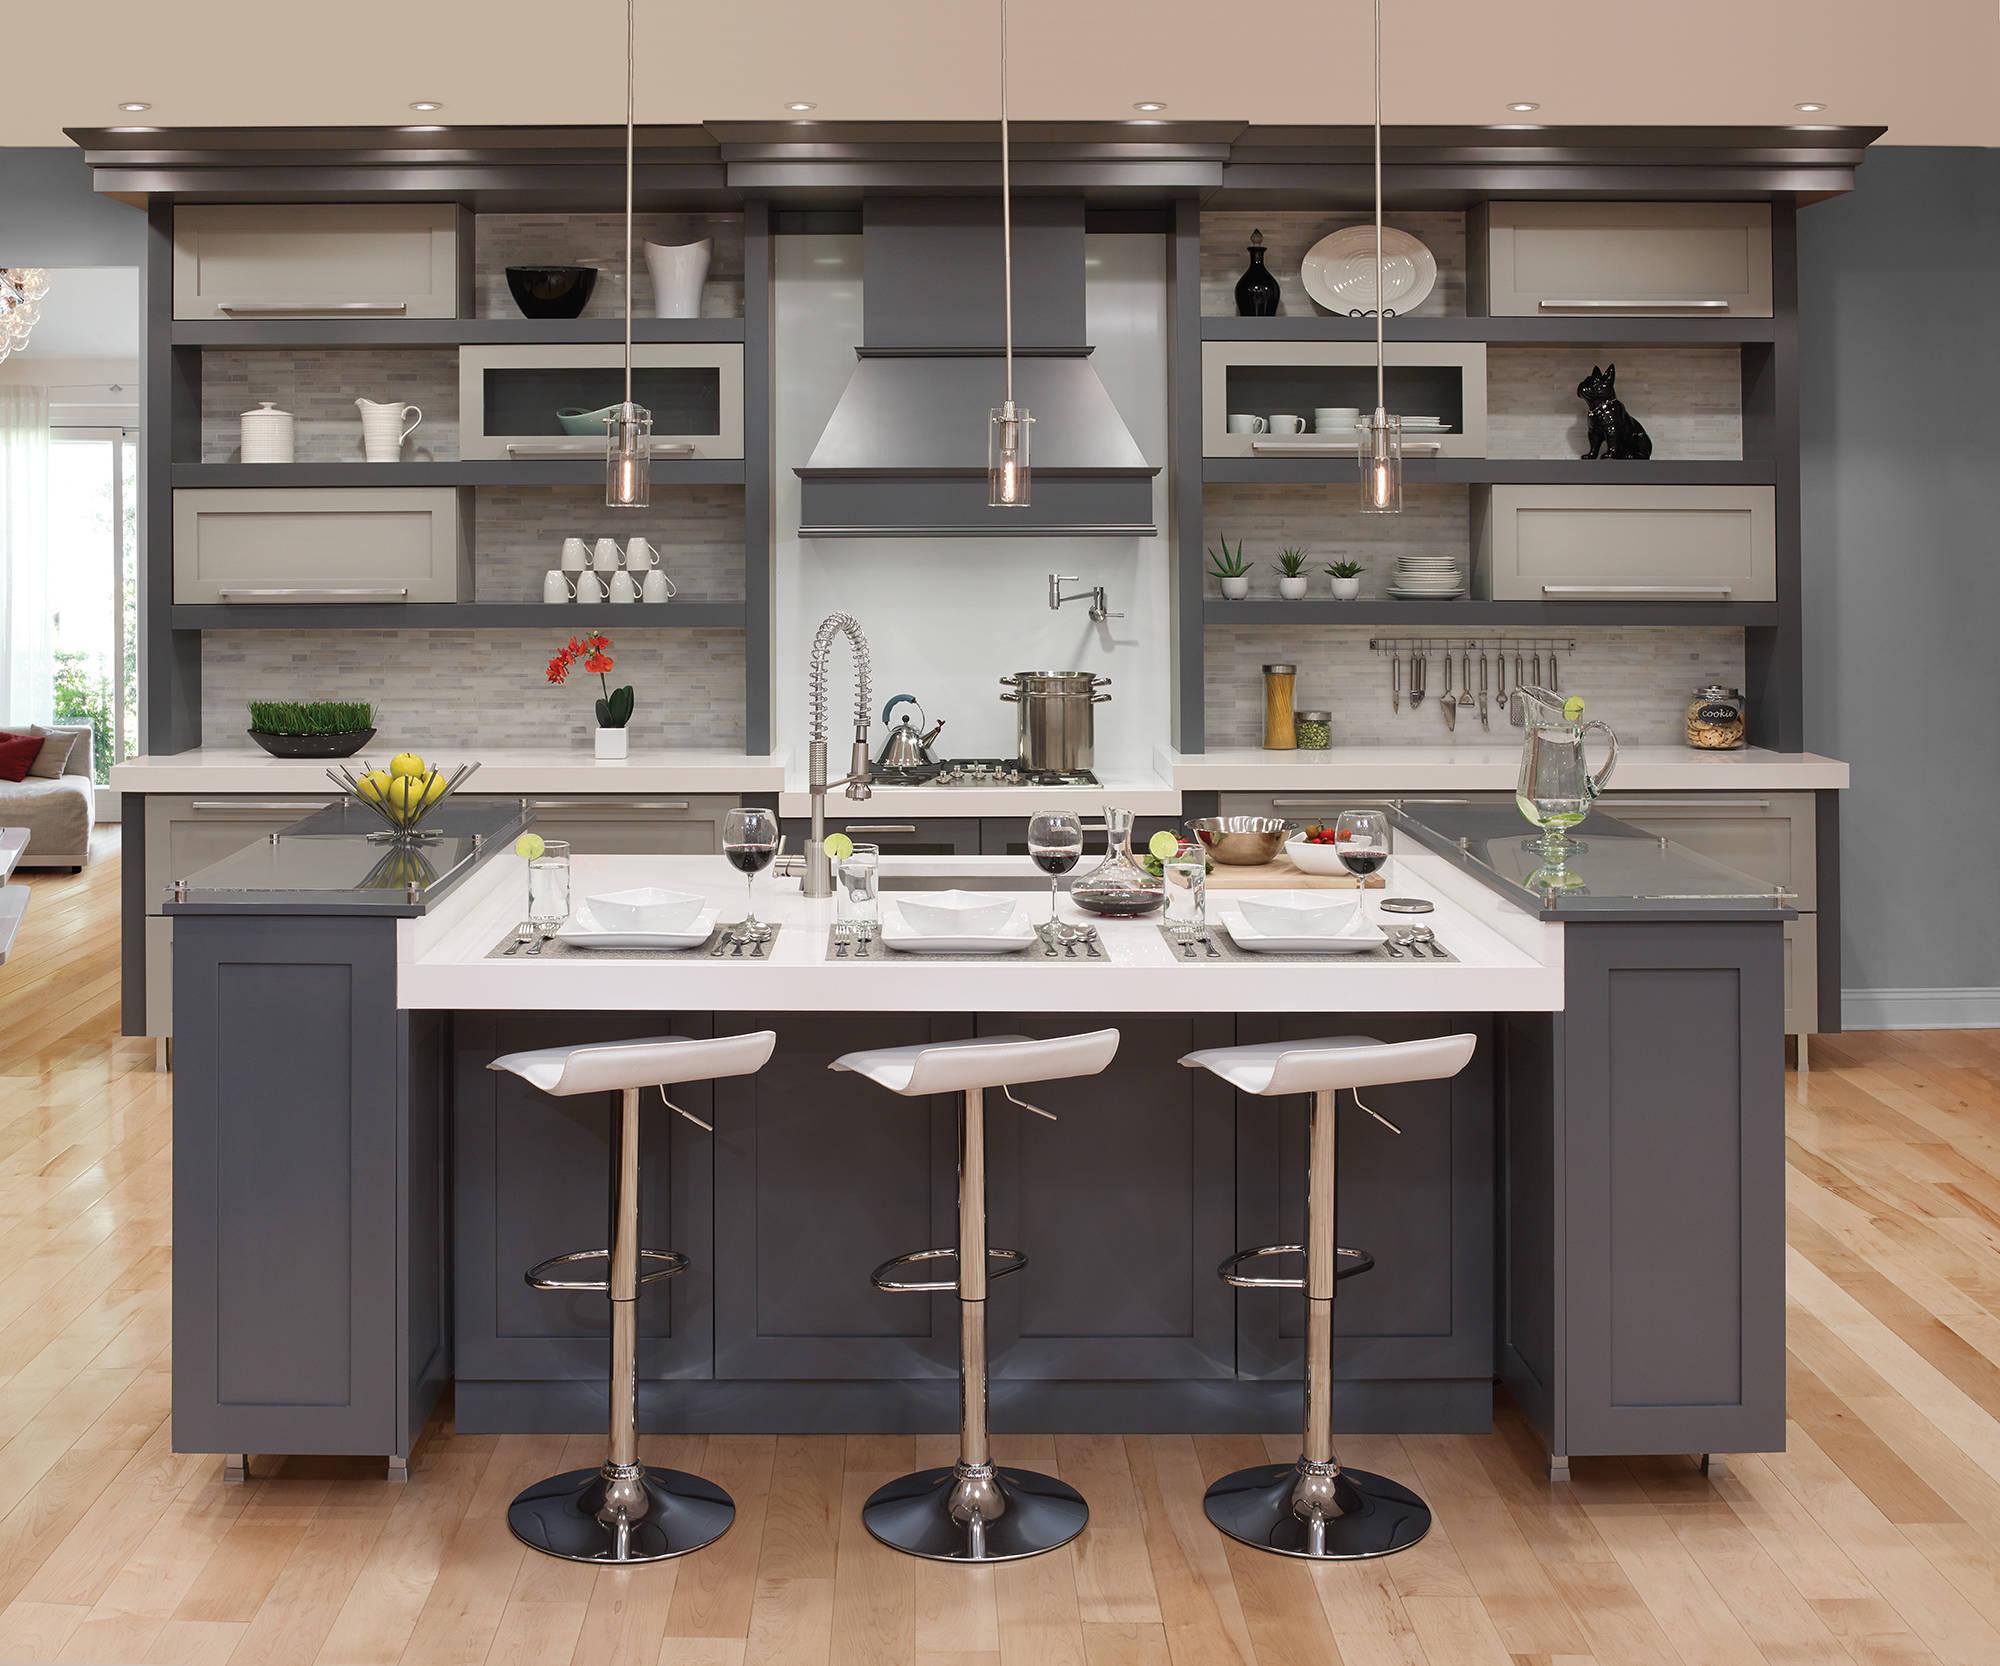 Grey And Beige Tones Kitchen Ideas Photos Houzz